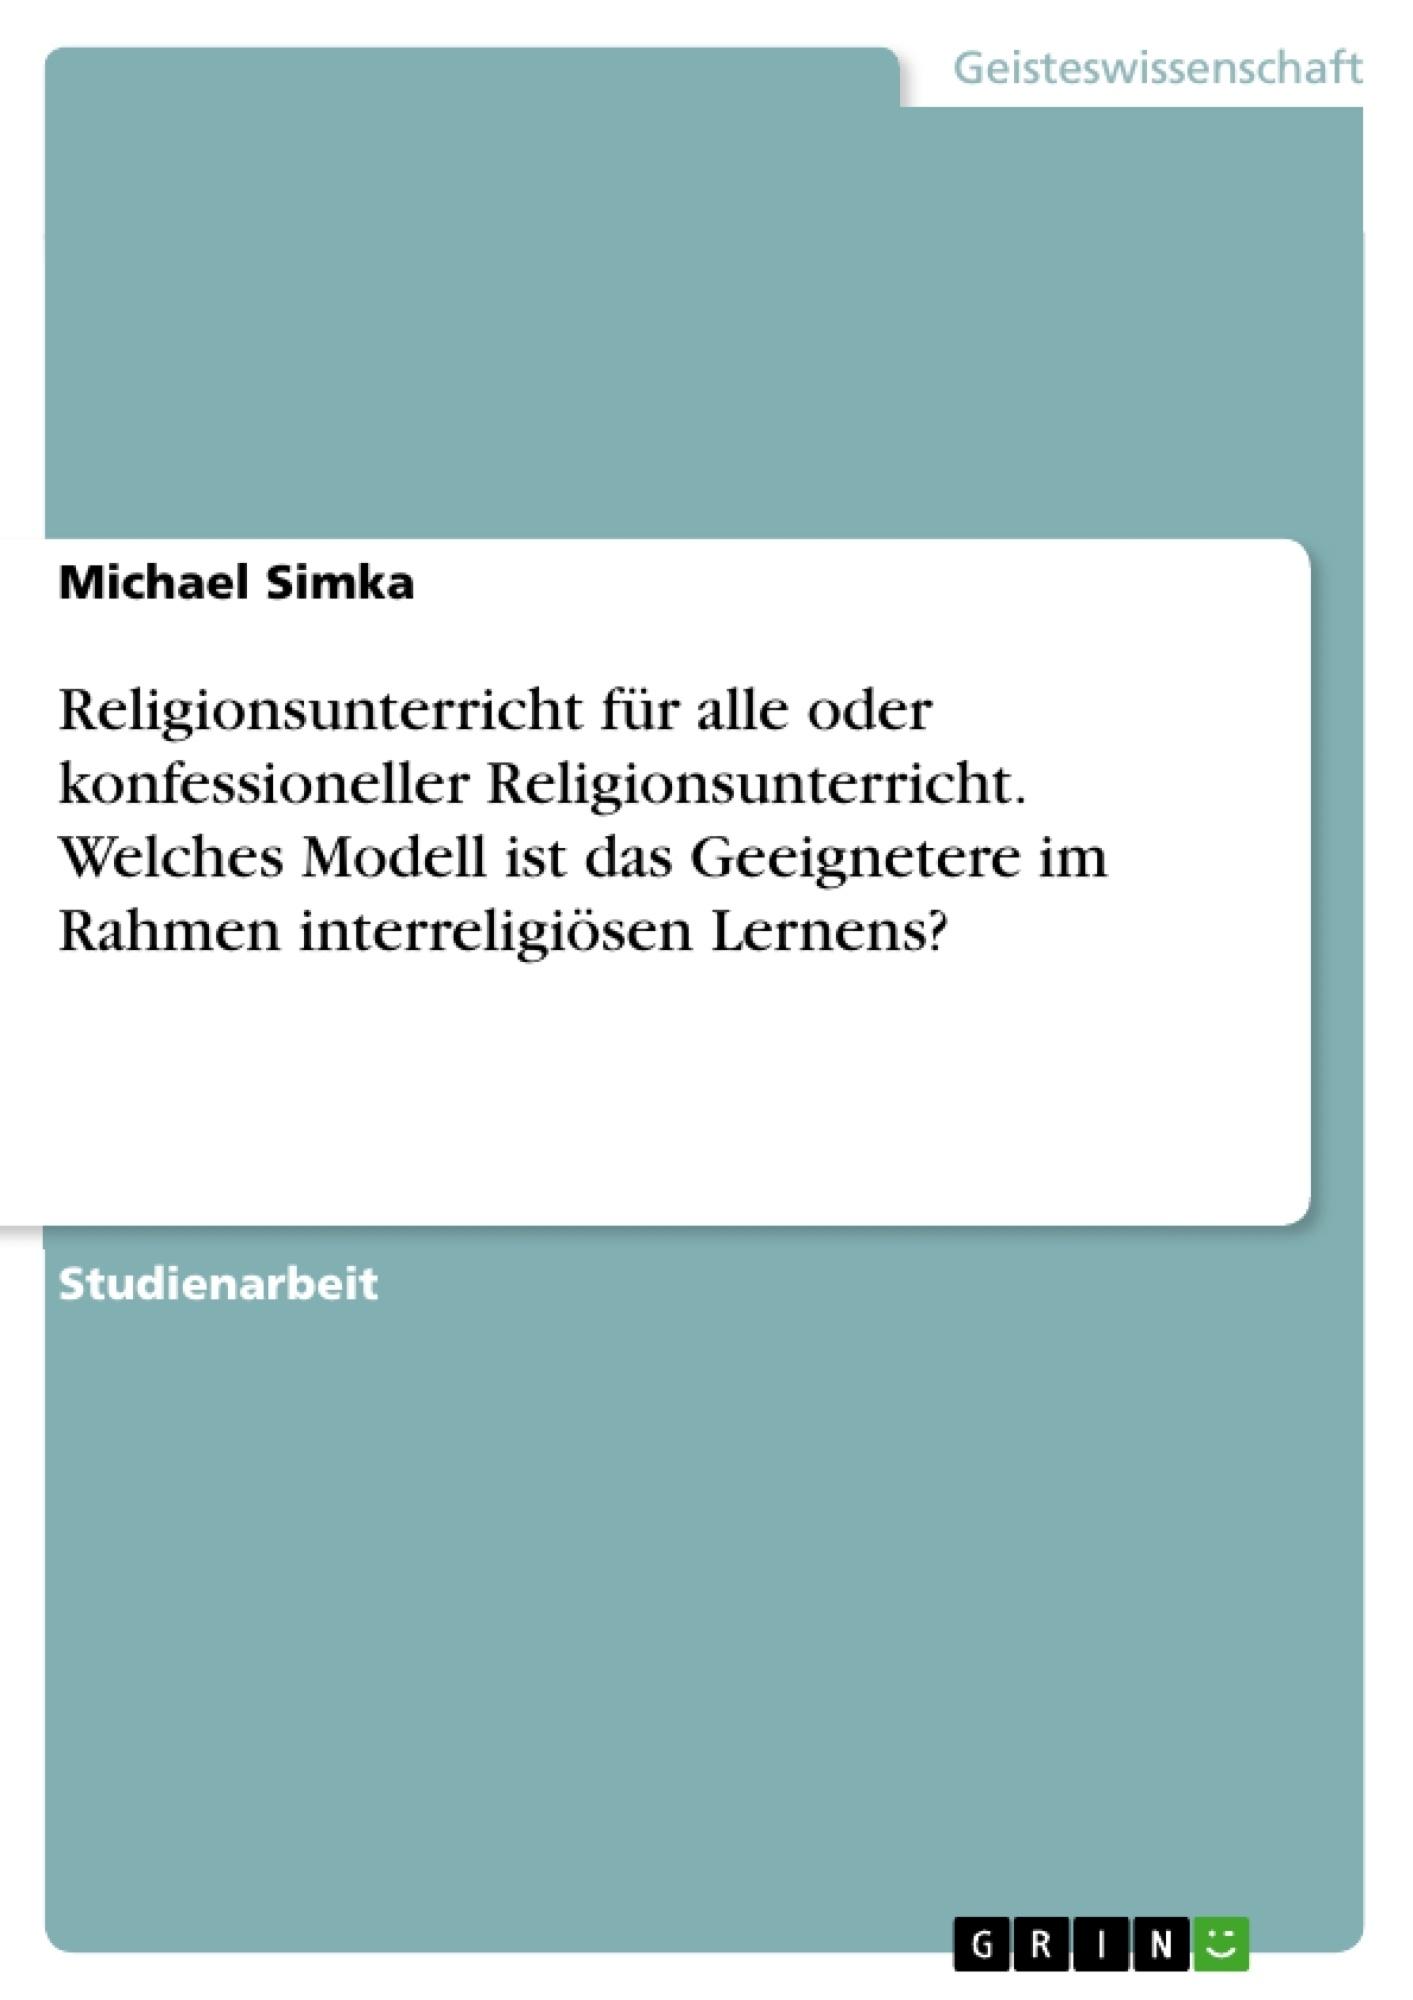 Titel: Religionsunterricht für alle oder konfessioneller Religionsunterricht. Welches Modell ist das Geeignetere im Rahmen interreligiösen Lernens?